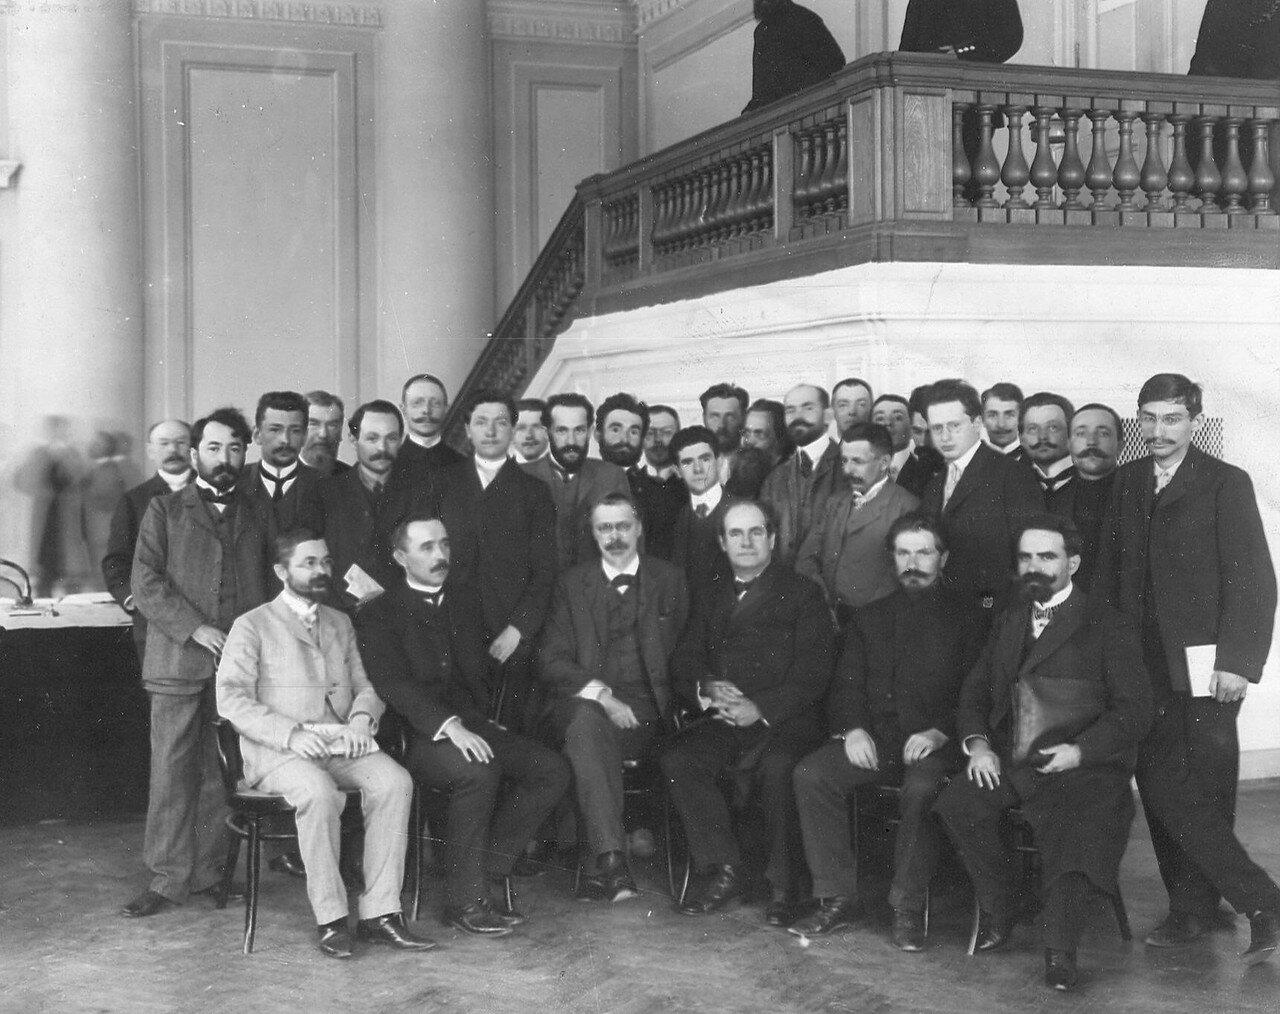 27 апреля 1906. Группа выборщиков в Первую Государственную думу в скаковом павильоне Московской части